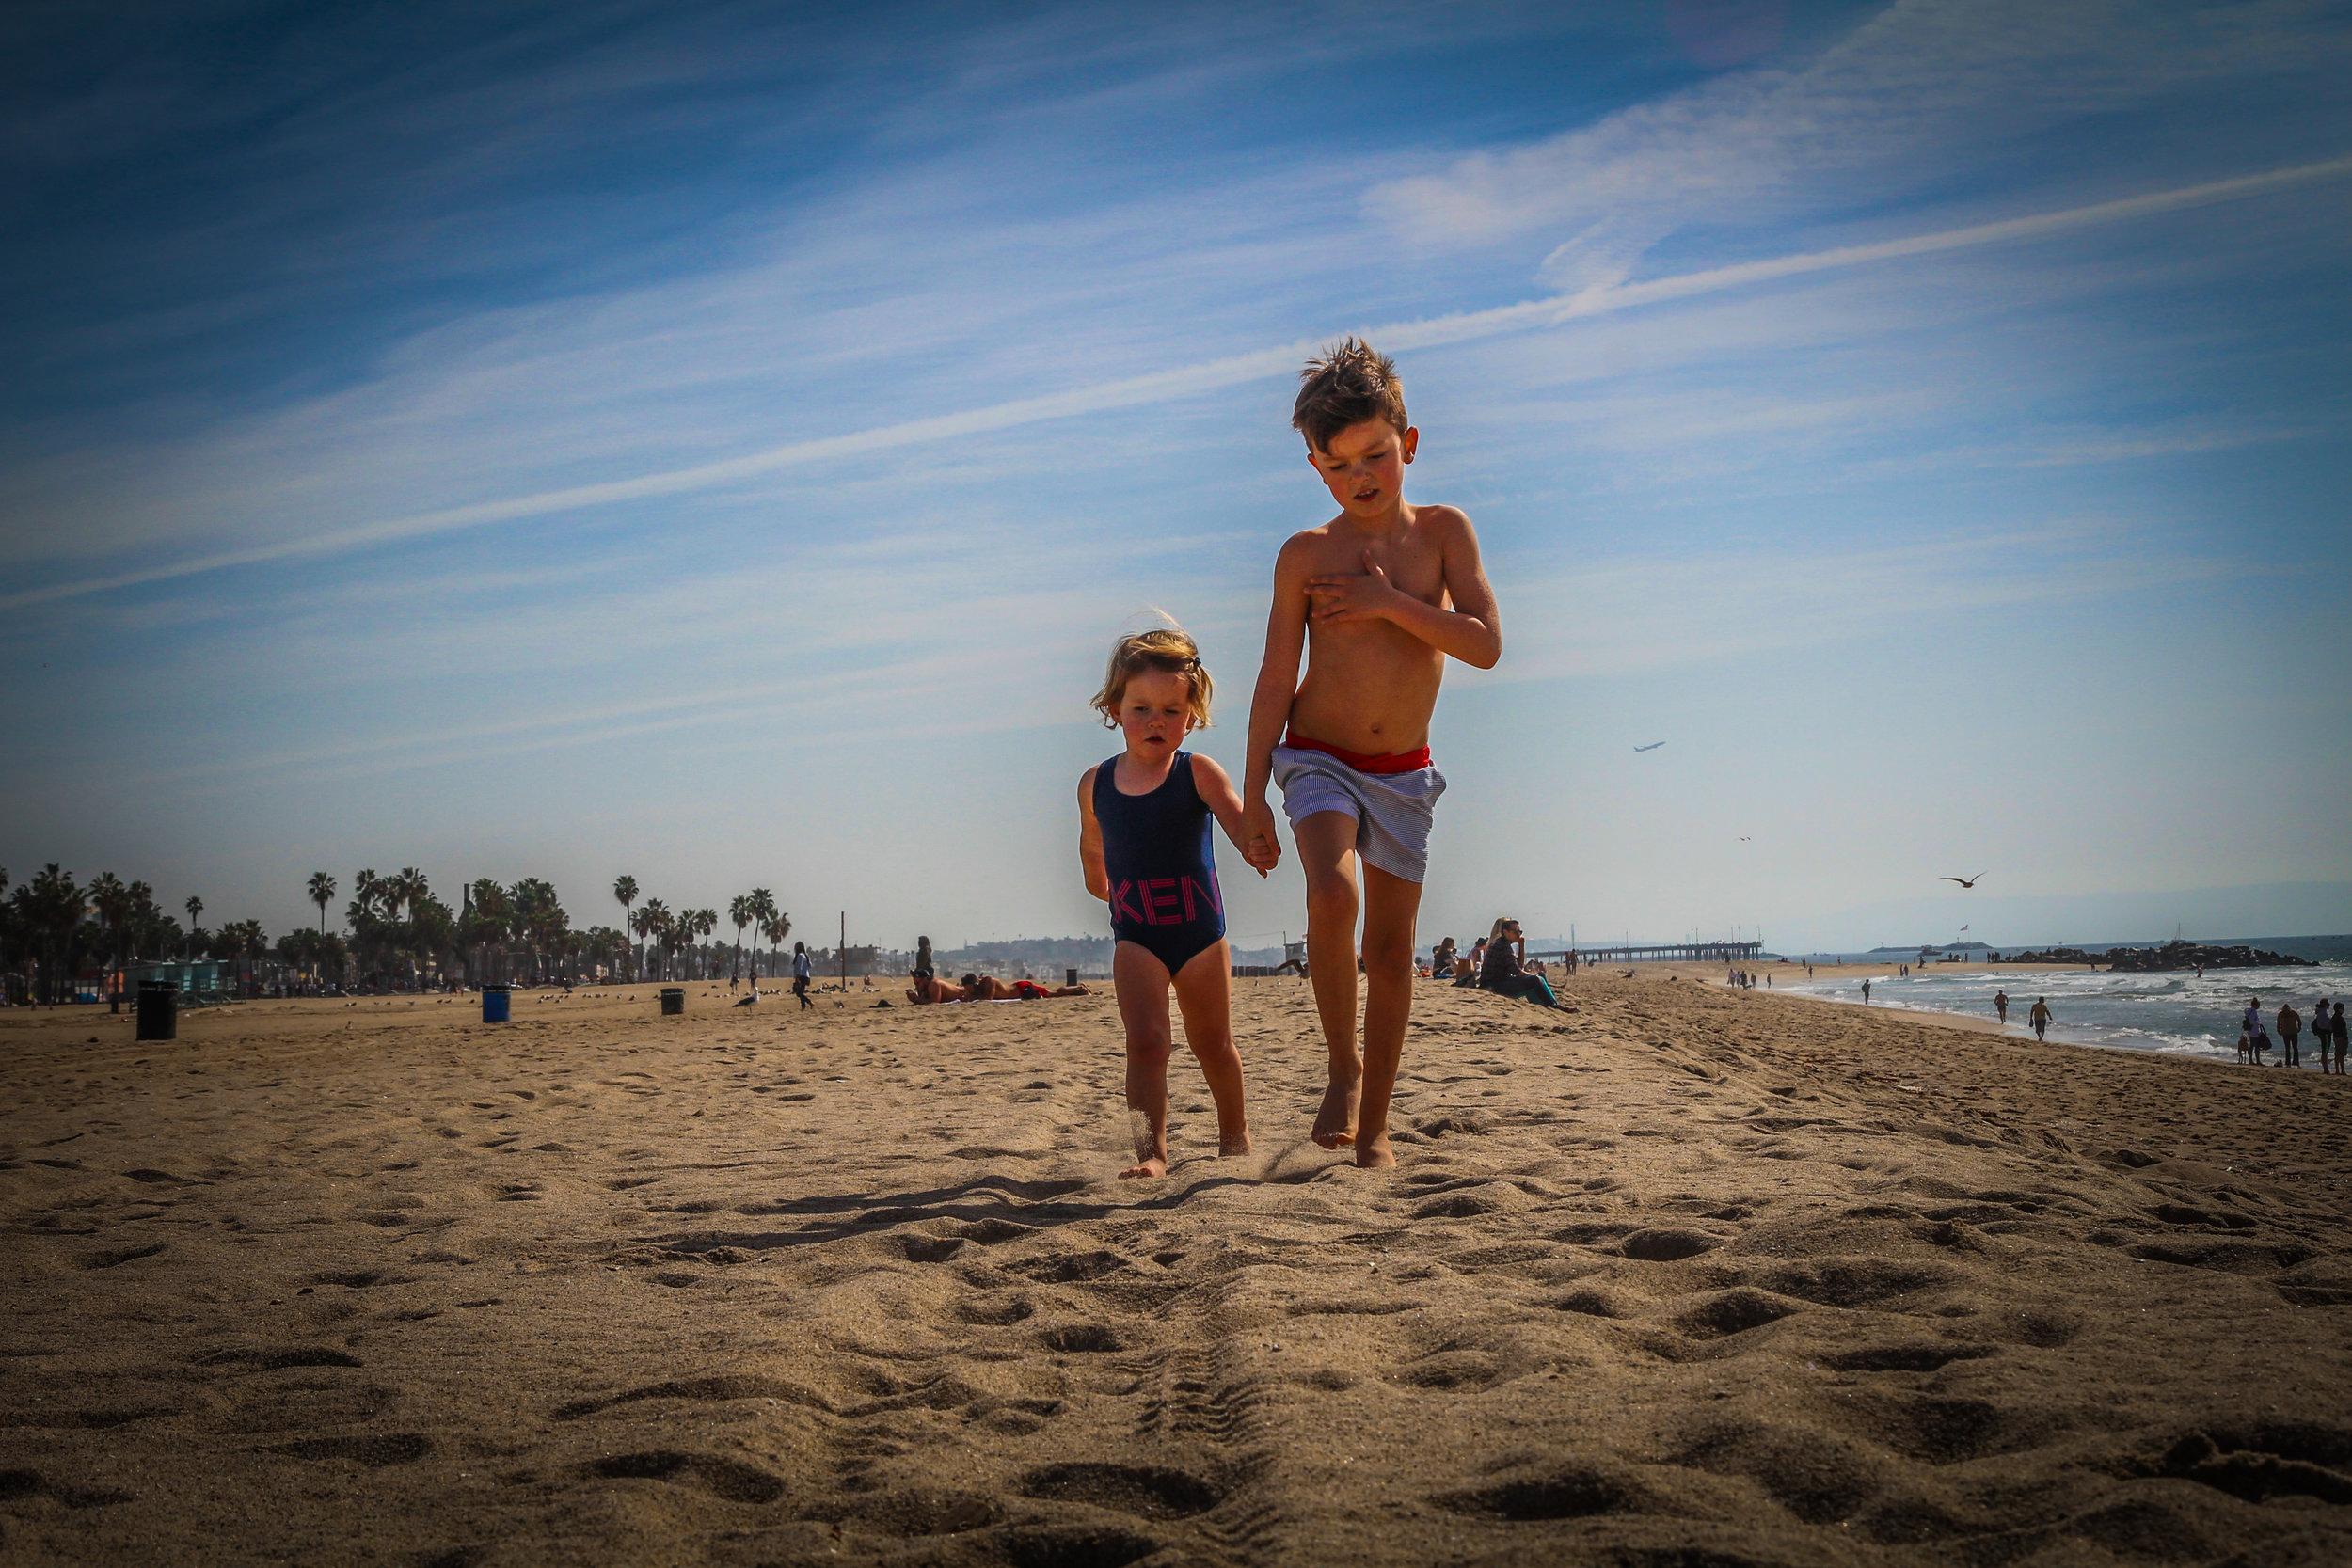 Los angeles  - venice beach strand - reizen met kinderen-7.jpg